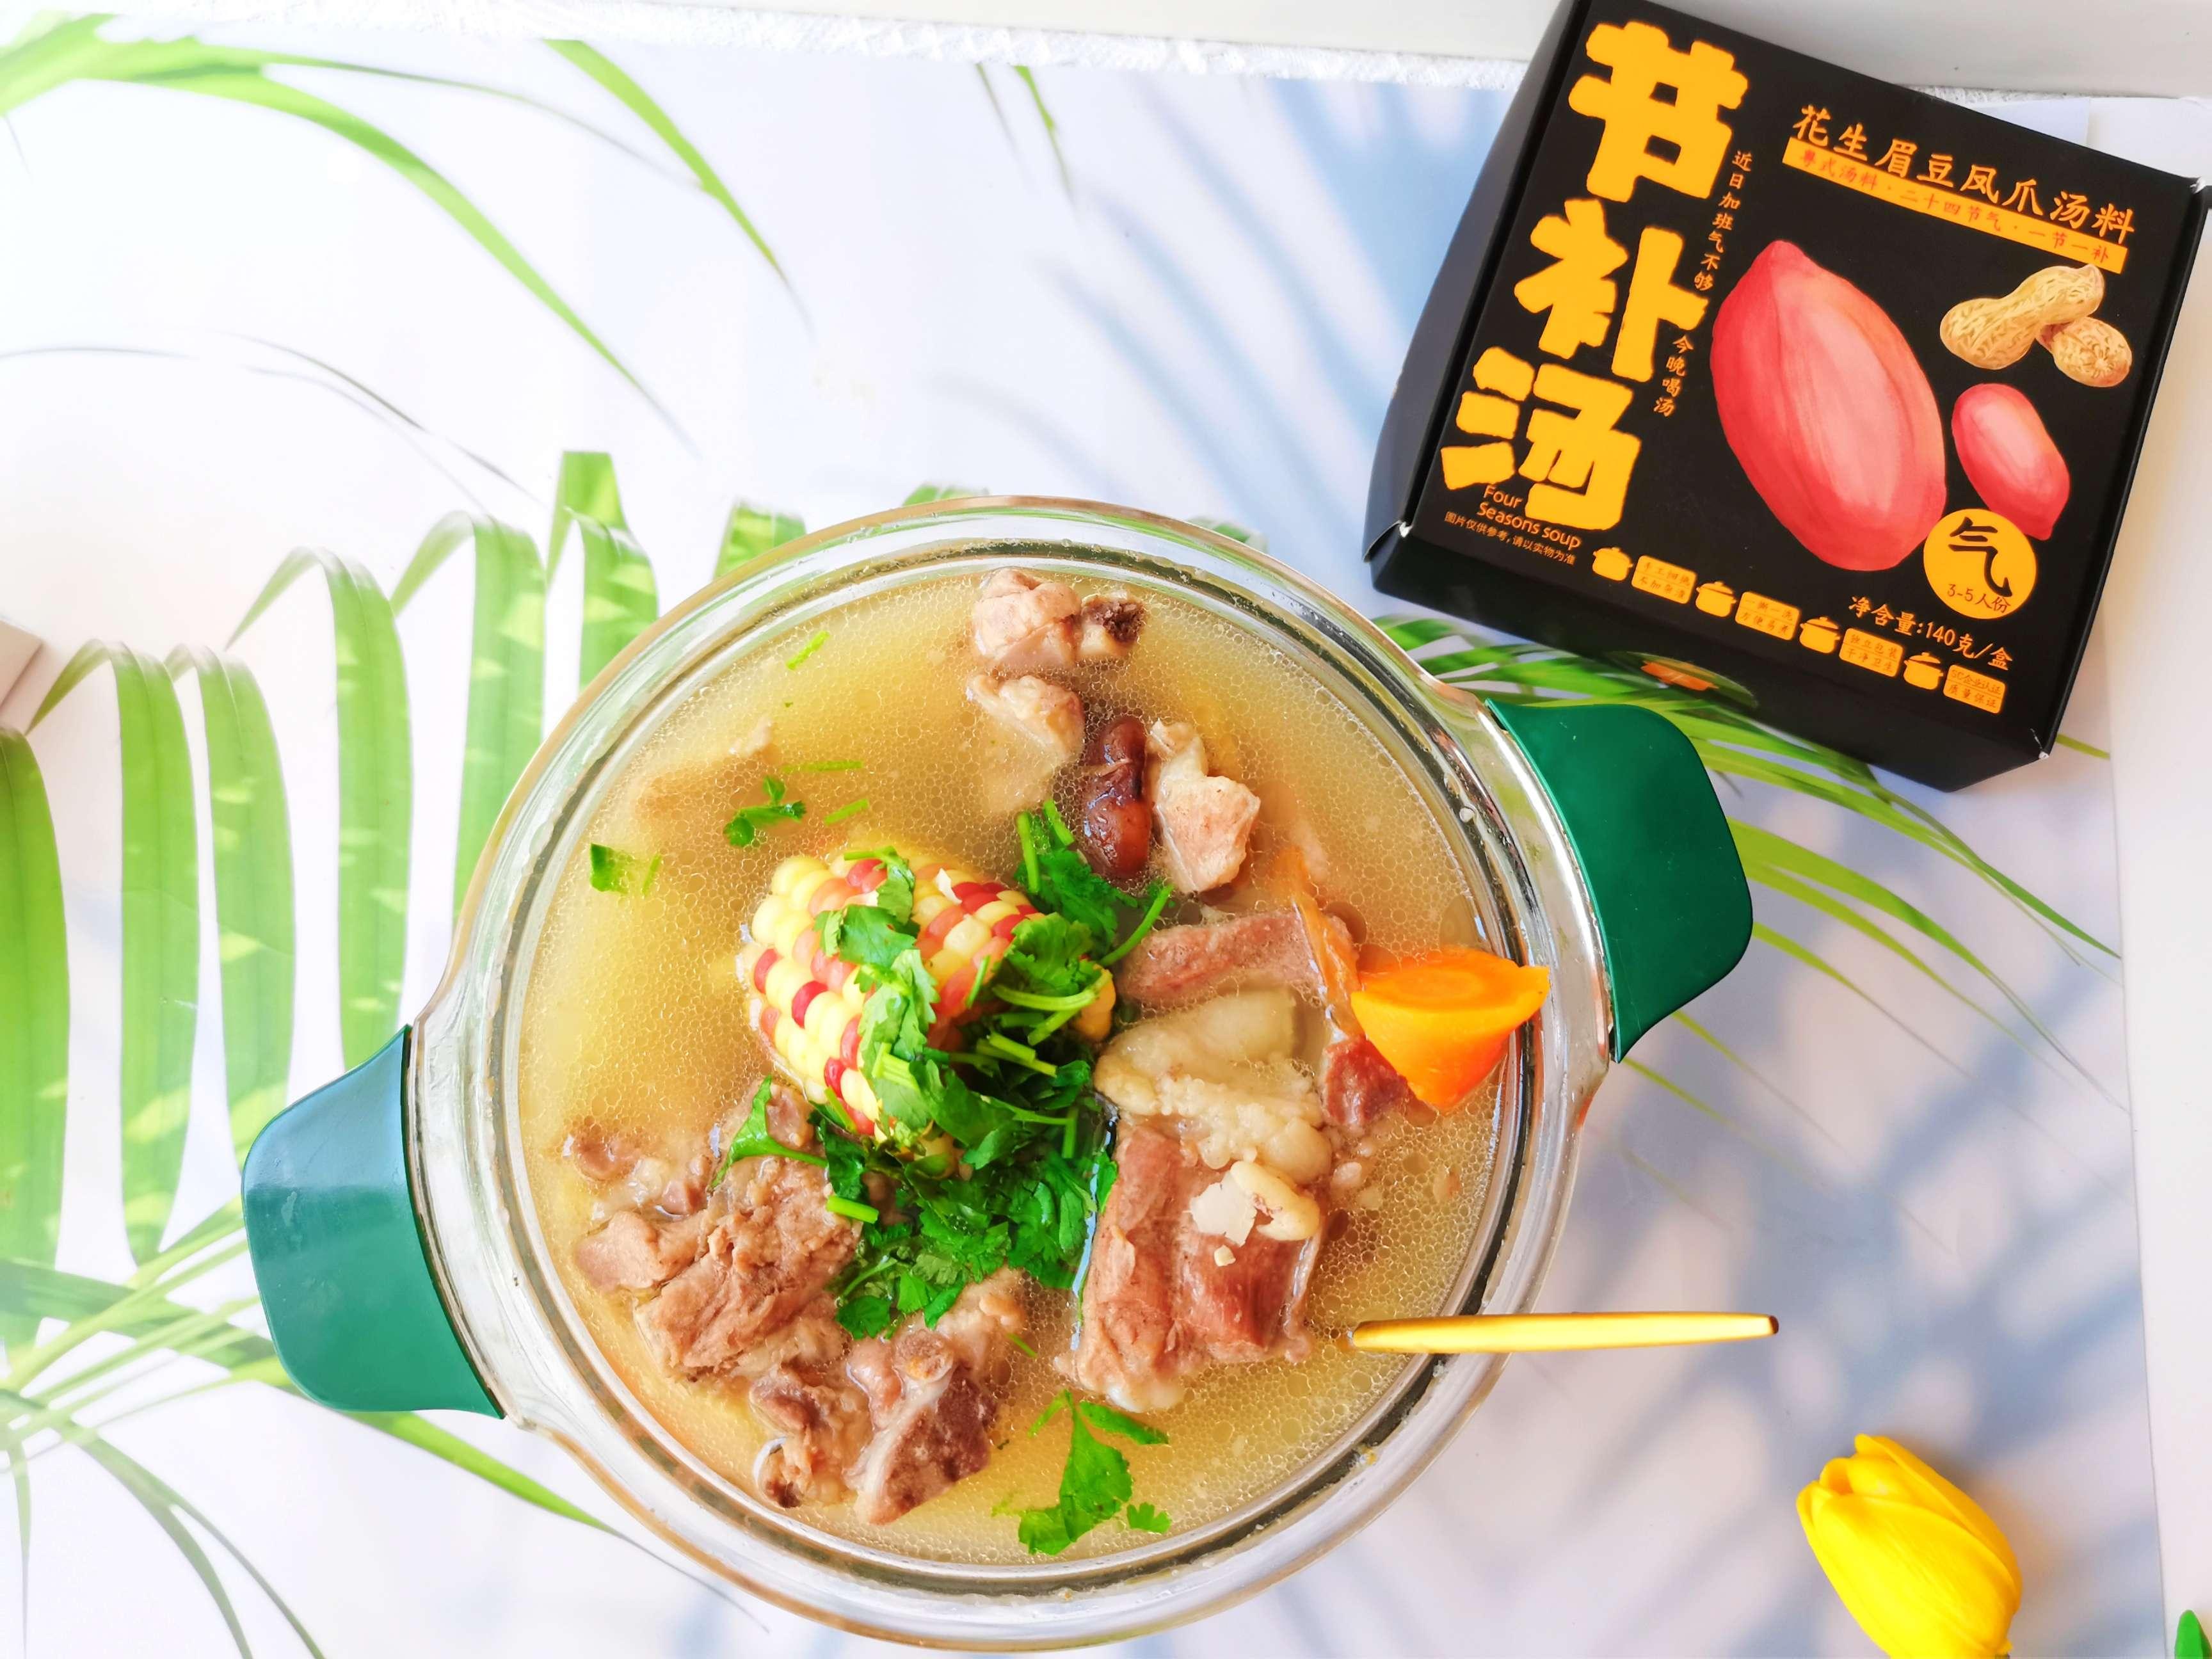 眉豆花生节补汤的步骤